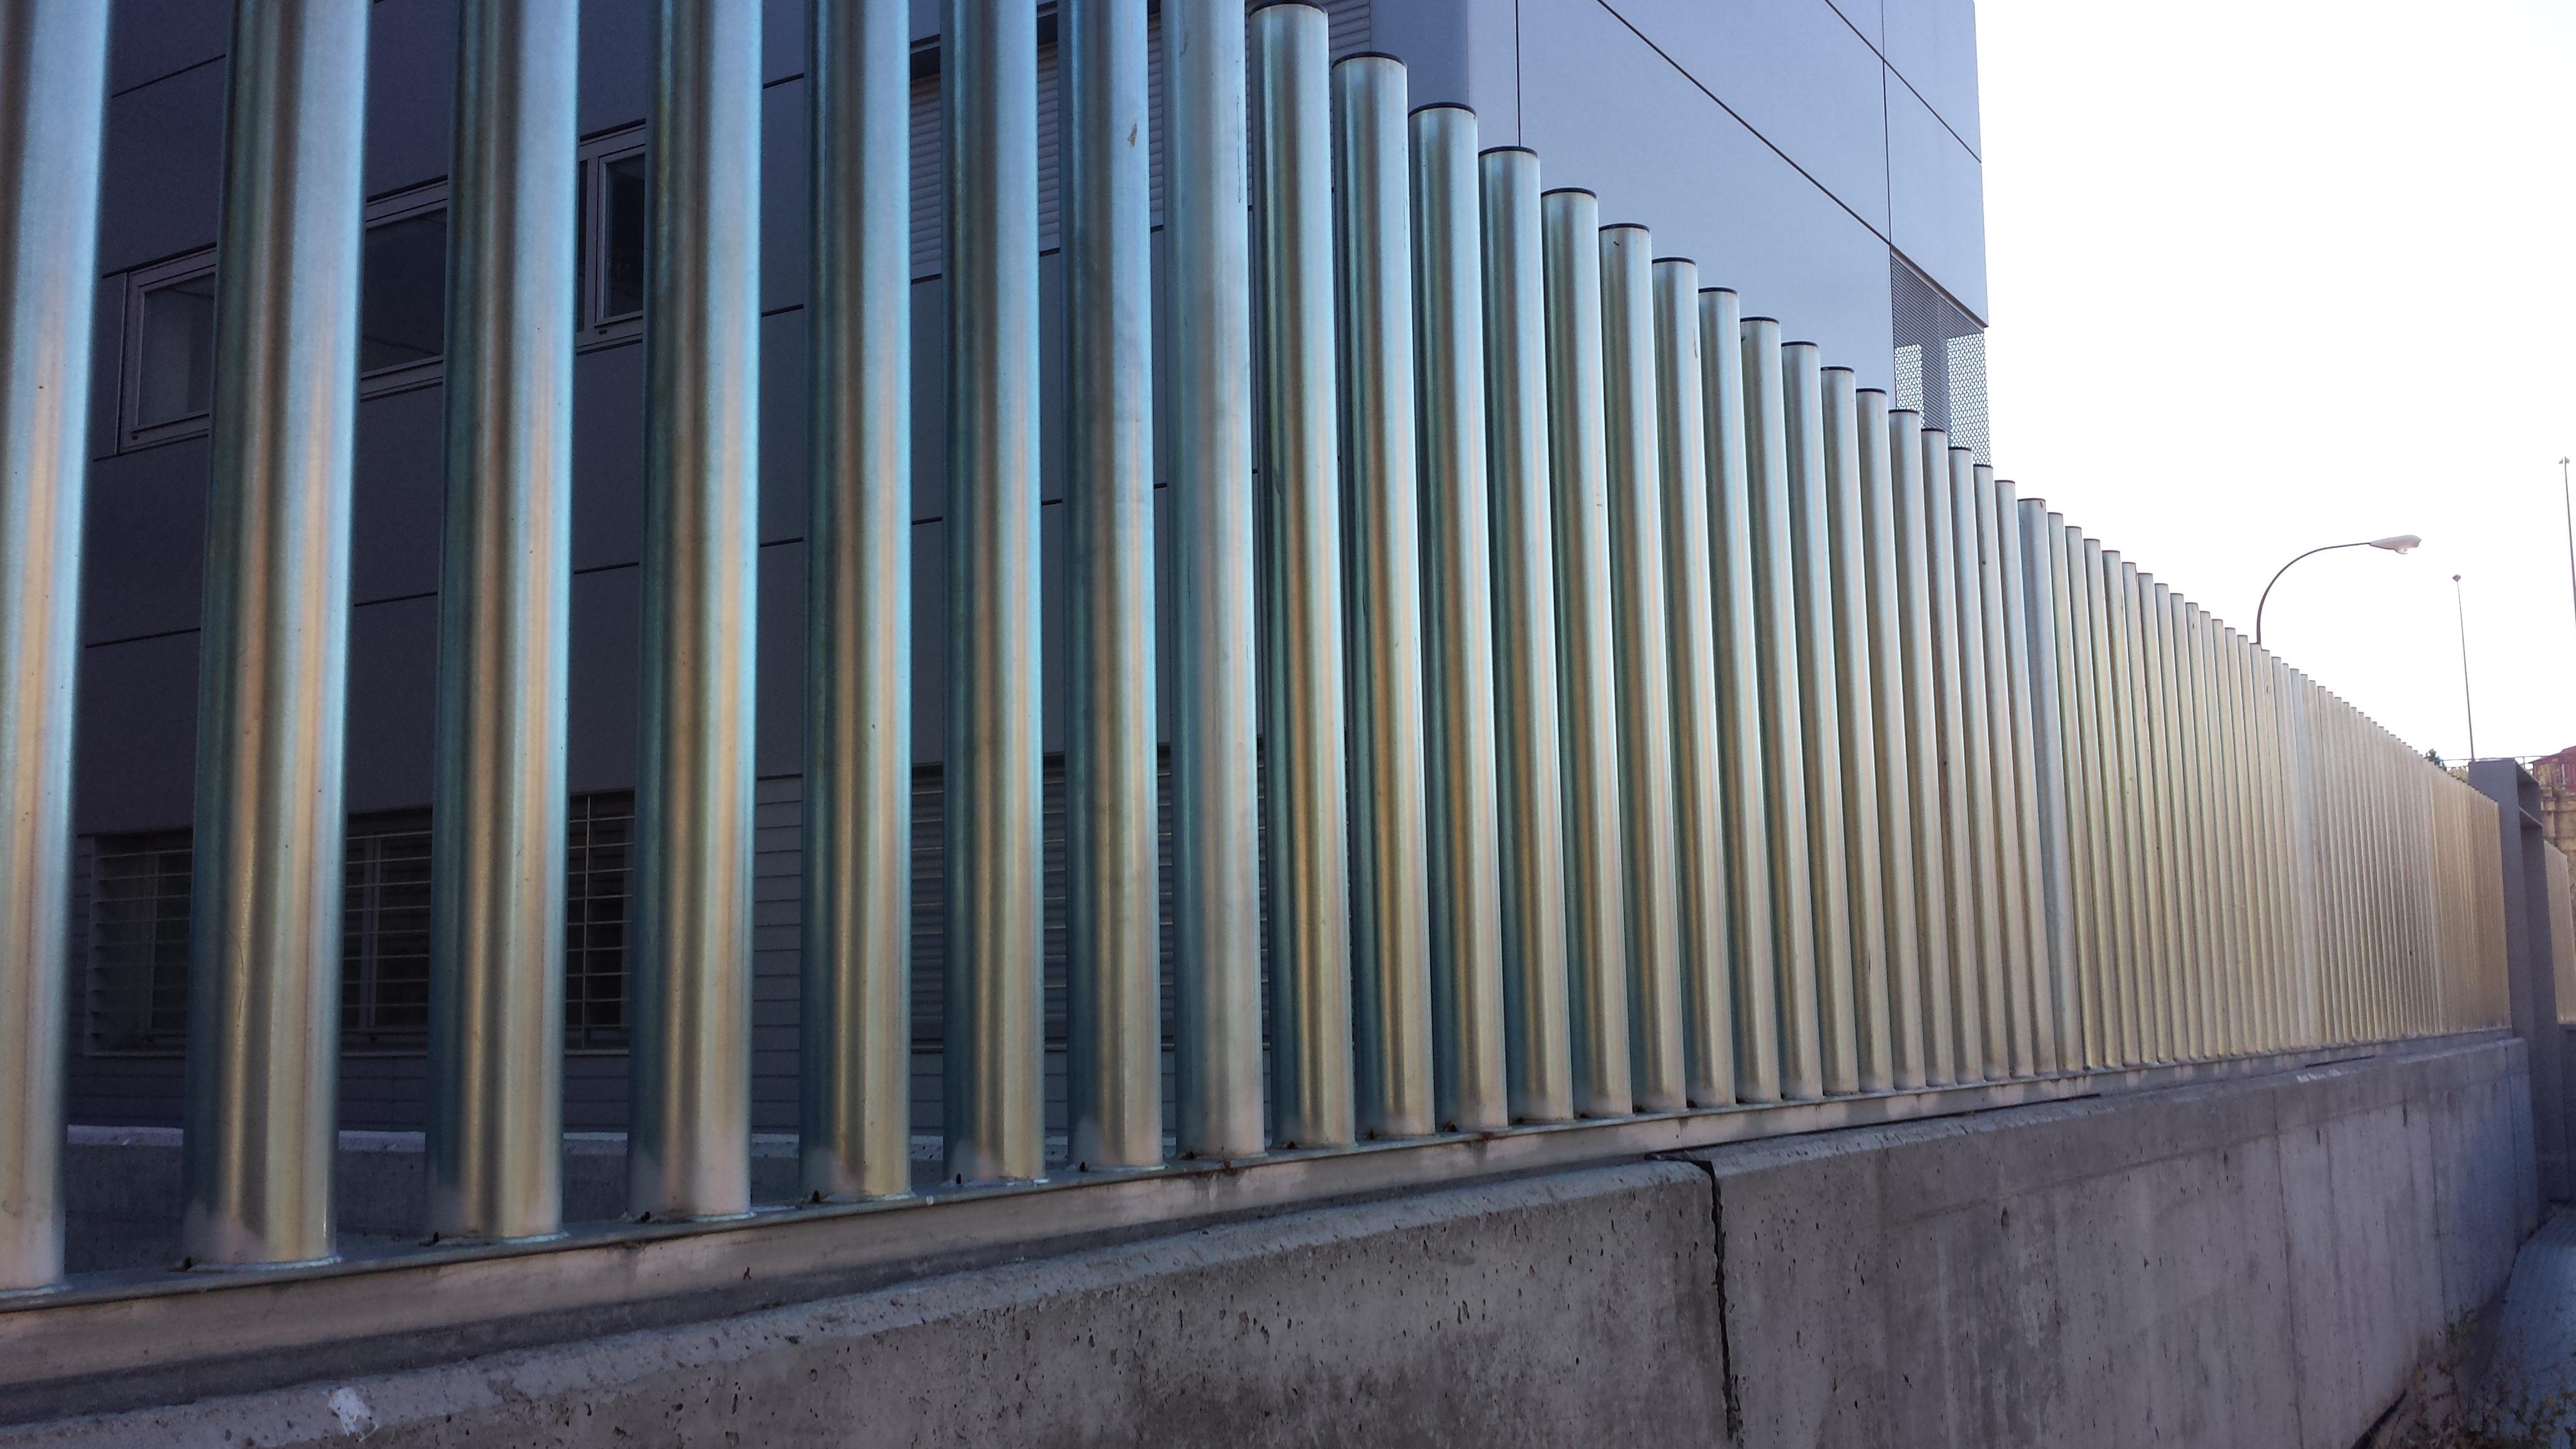 Valla cercado malla metalica verja reja puerta galvanizada - Mallas de hierro ...